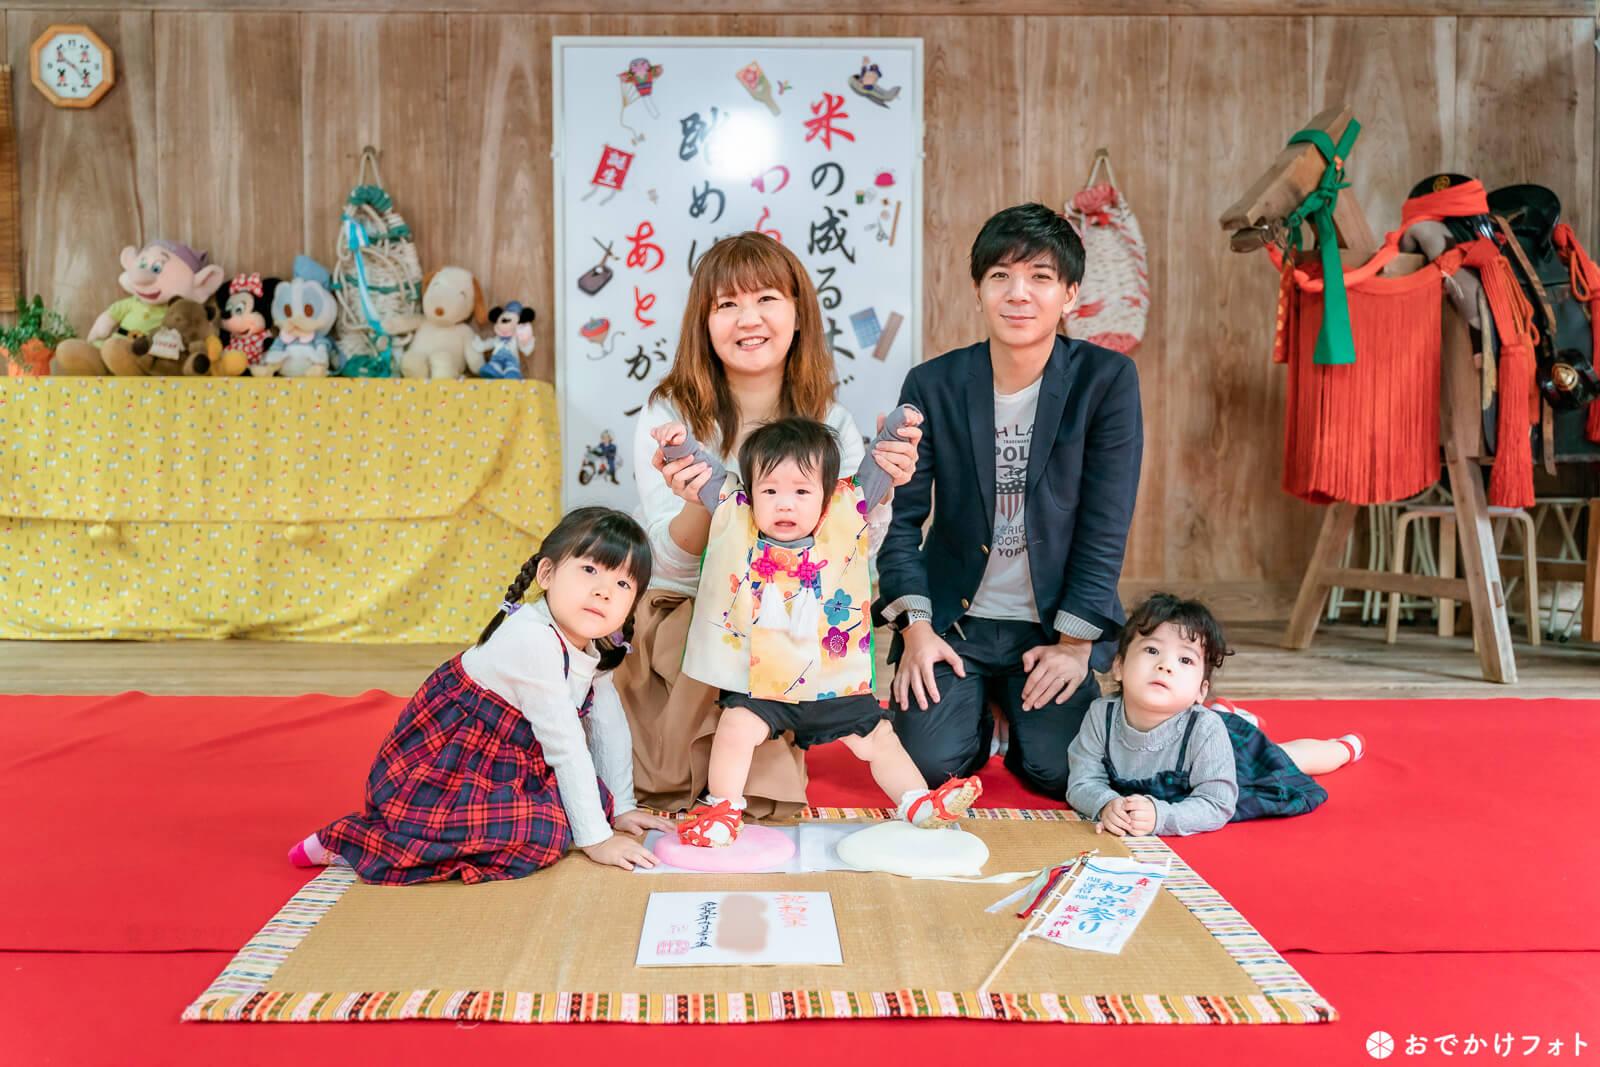 飯盛神社で初誕生祝いのお餅ふみ